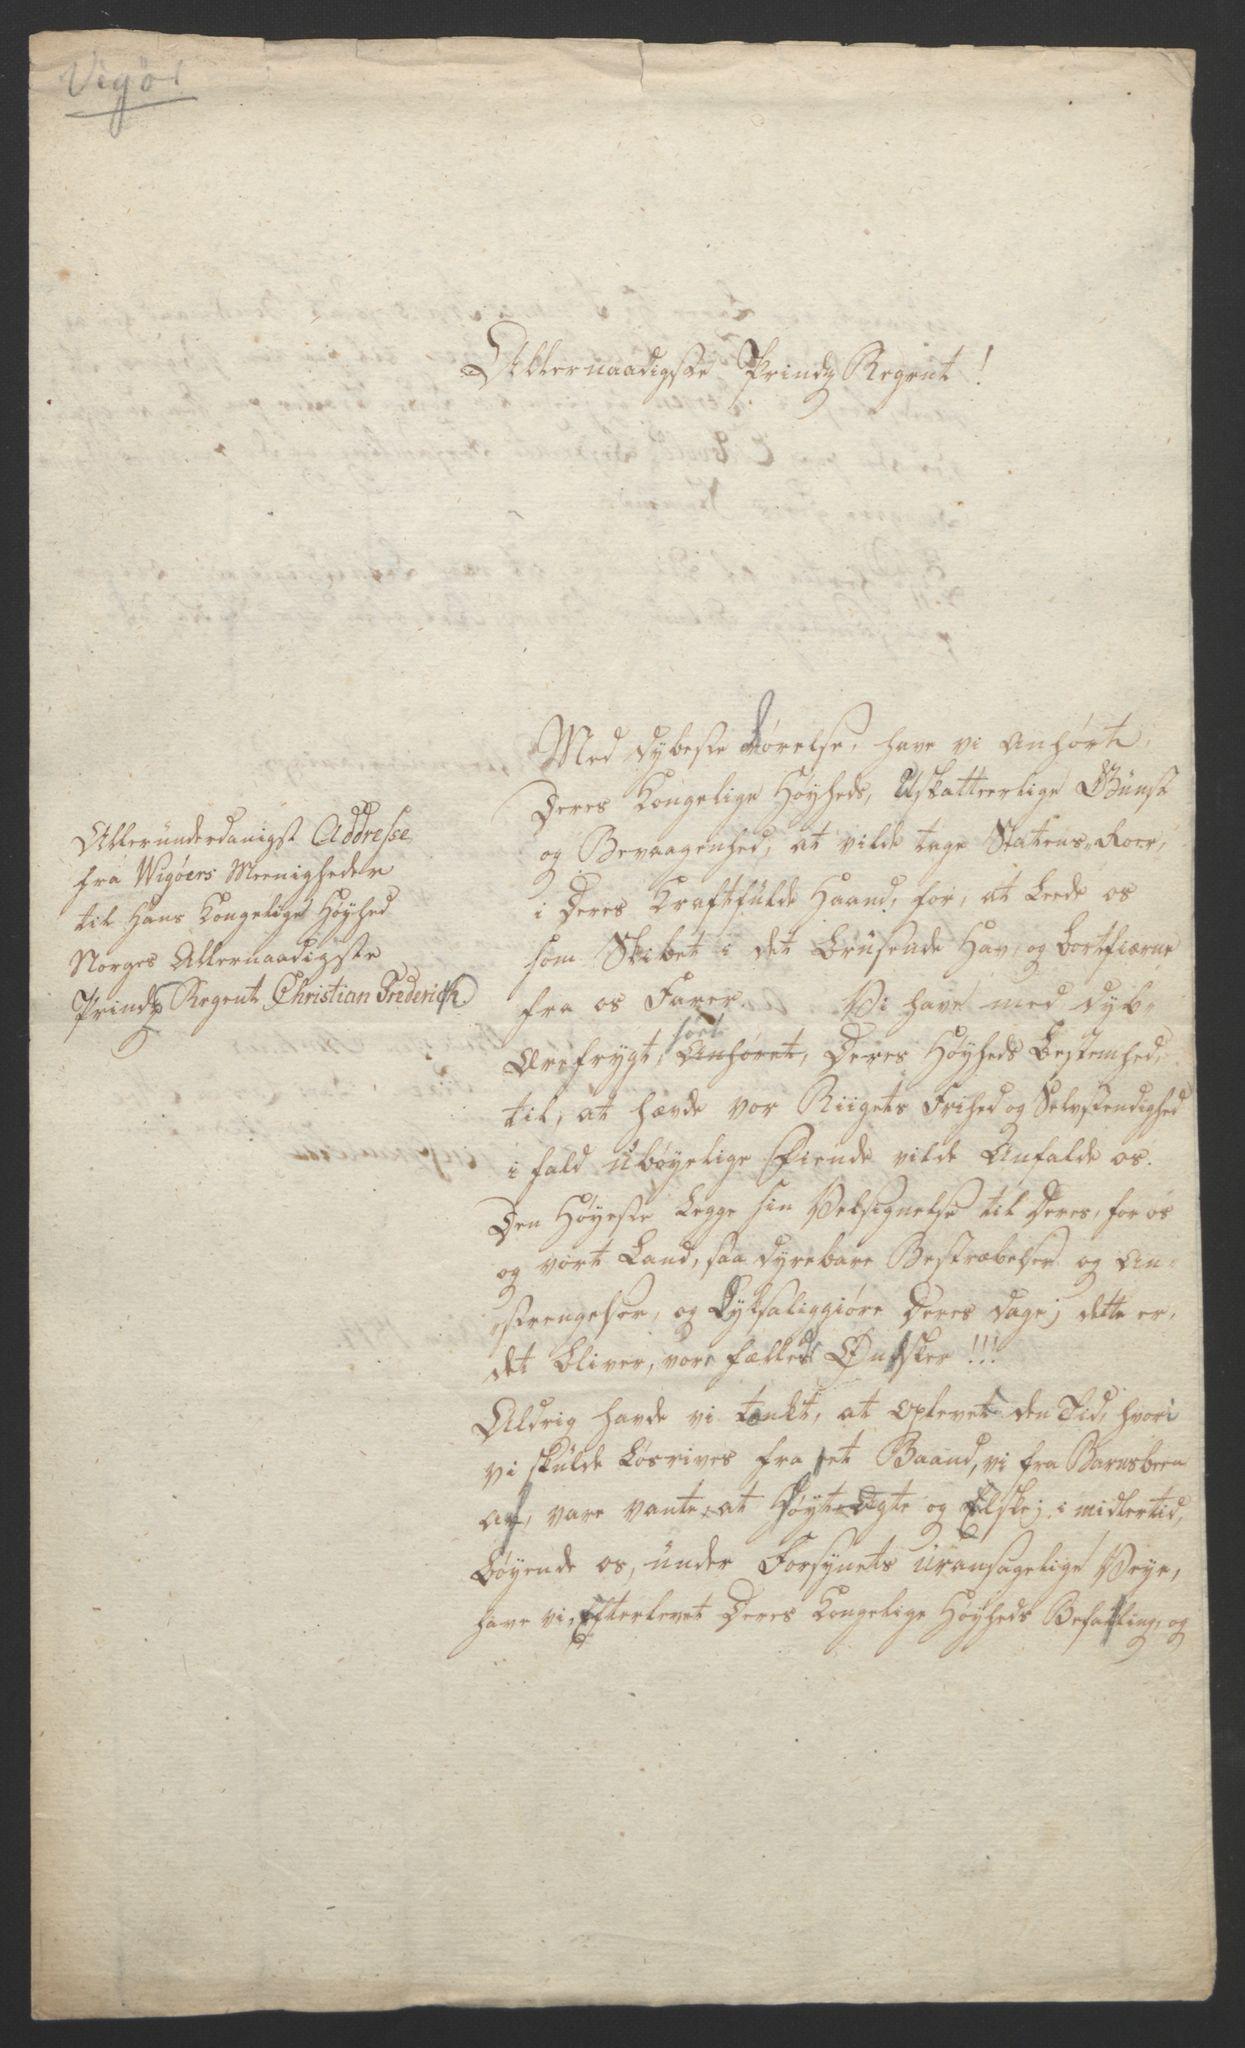 RA, Statsrådssekretariatet, D/Db/L0008: Fullmakter for Eidsvollsrepresentantene i 1814. , 1814, s. 303